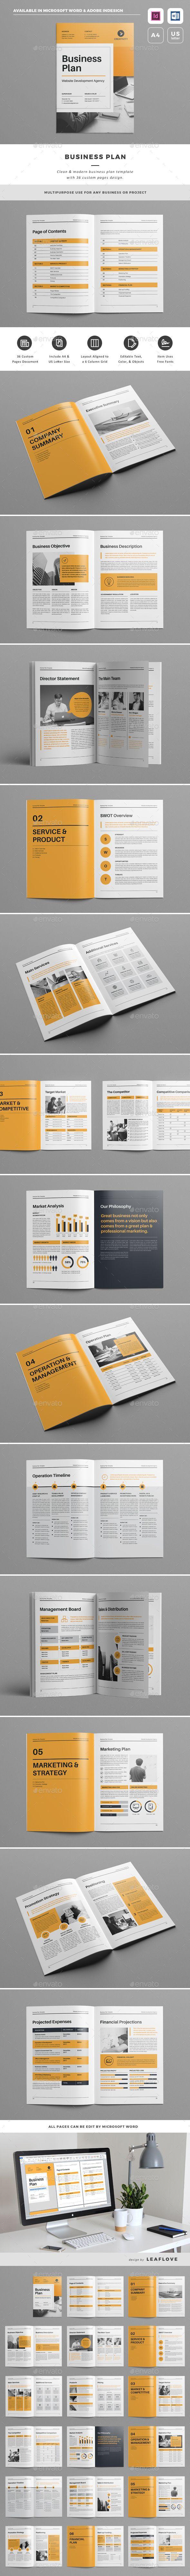 best business plan format ideas pinterest template for